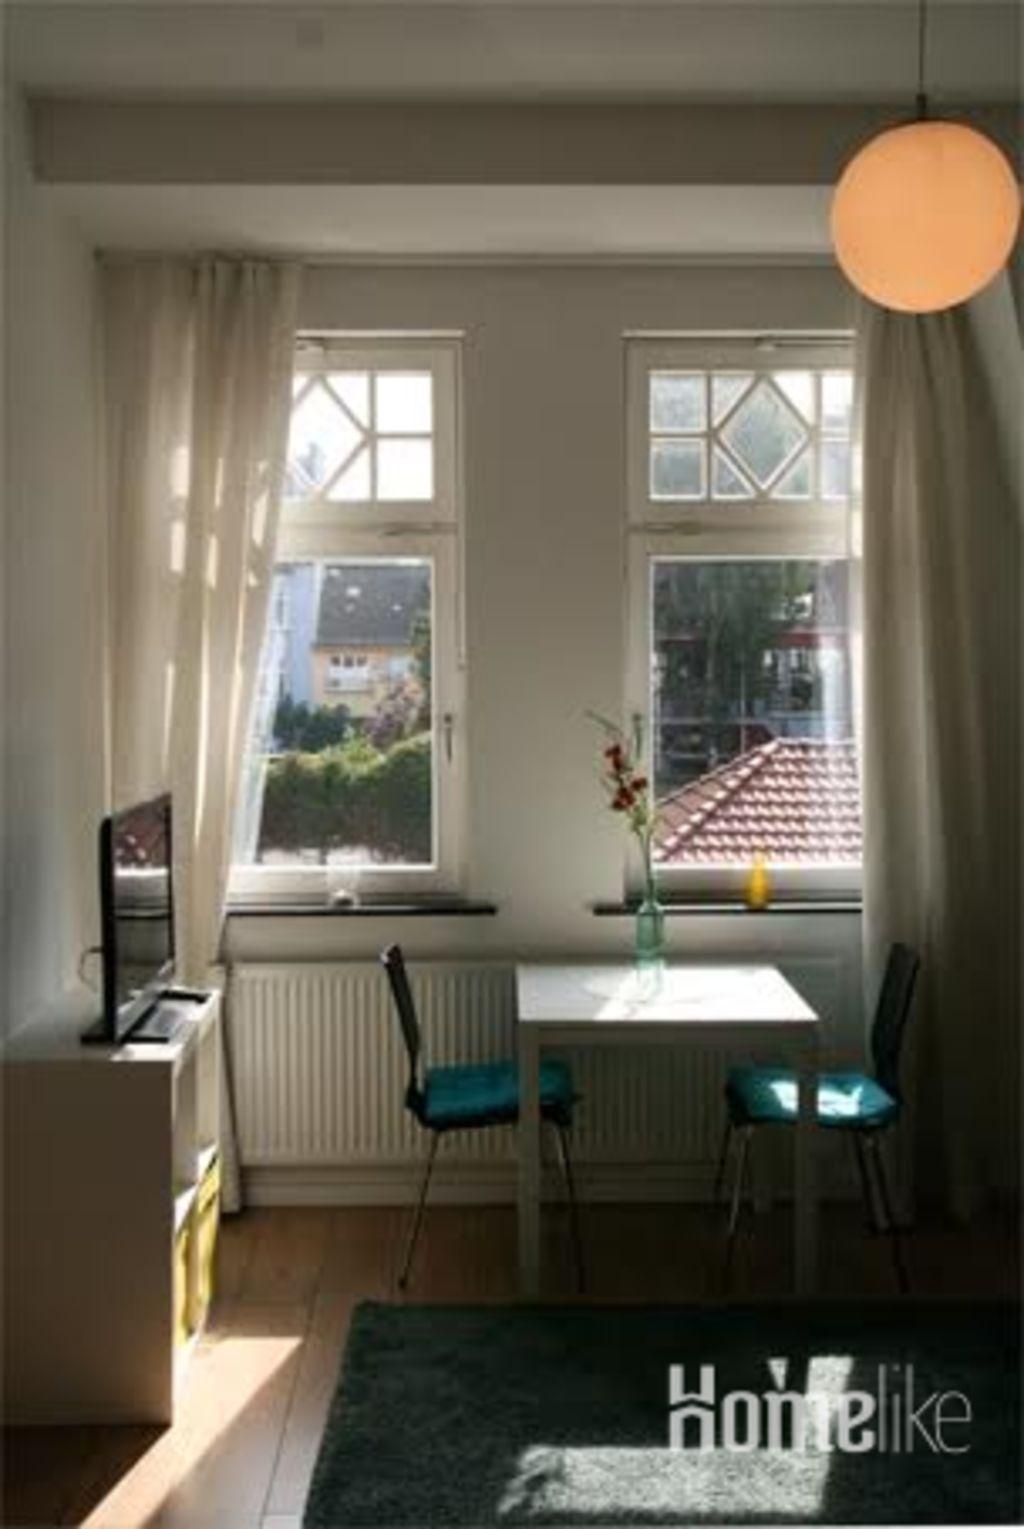 image 6 furnished 1 bedroom Apartment for rent in Bremem, Bremem